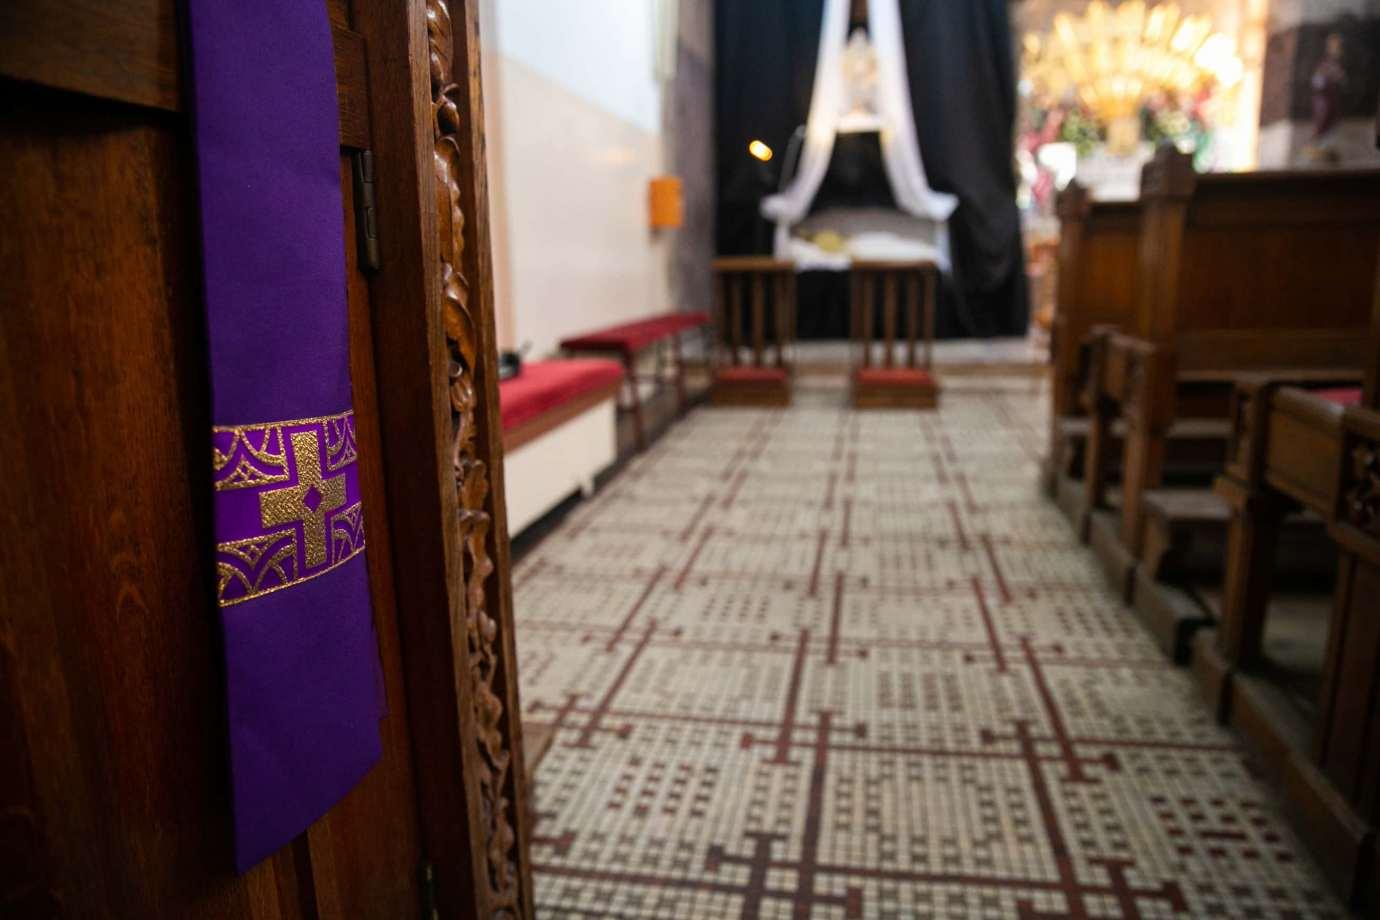 parafia pw swietego krzyza w zamosciu 11 Zdjęcia grobów pańskich w zamojskich świątyniach